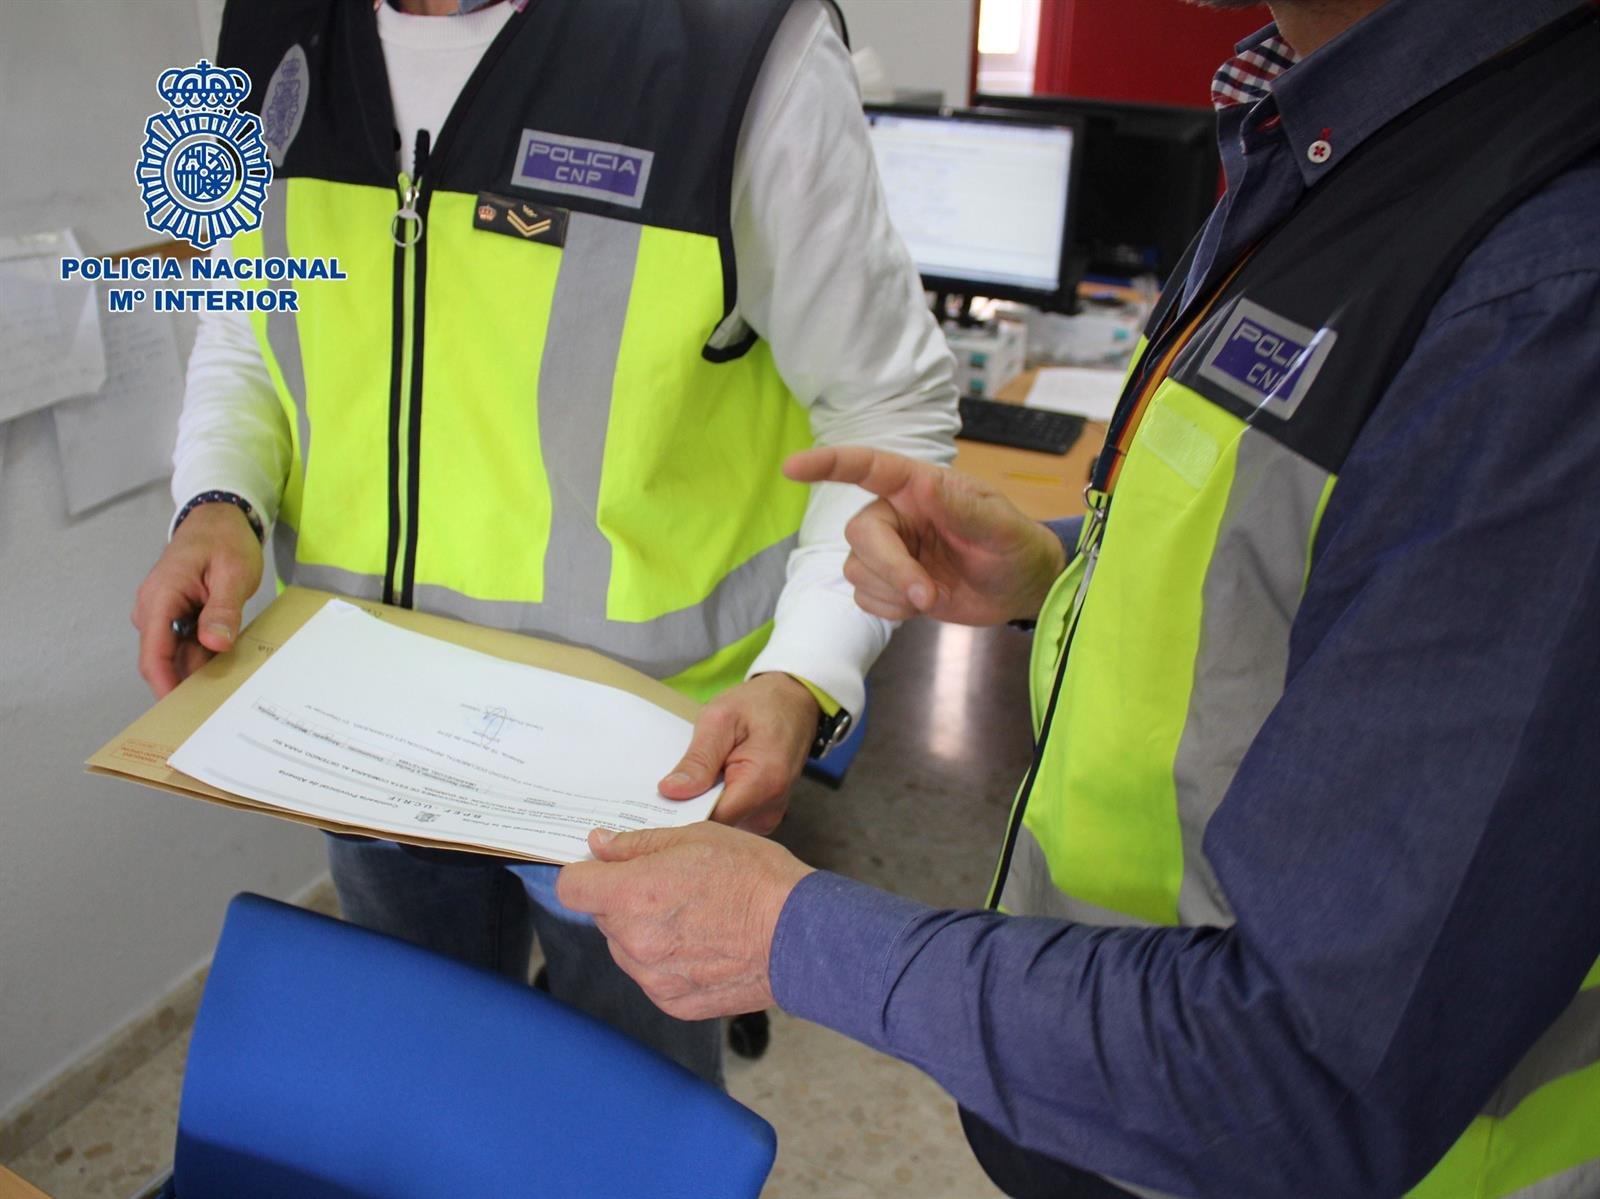 Detenidos seis presuntos miembros de un grupo dedicado a regularización ilegal de extranjeros